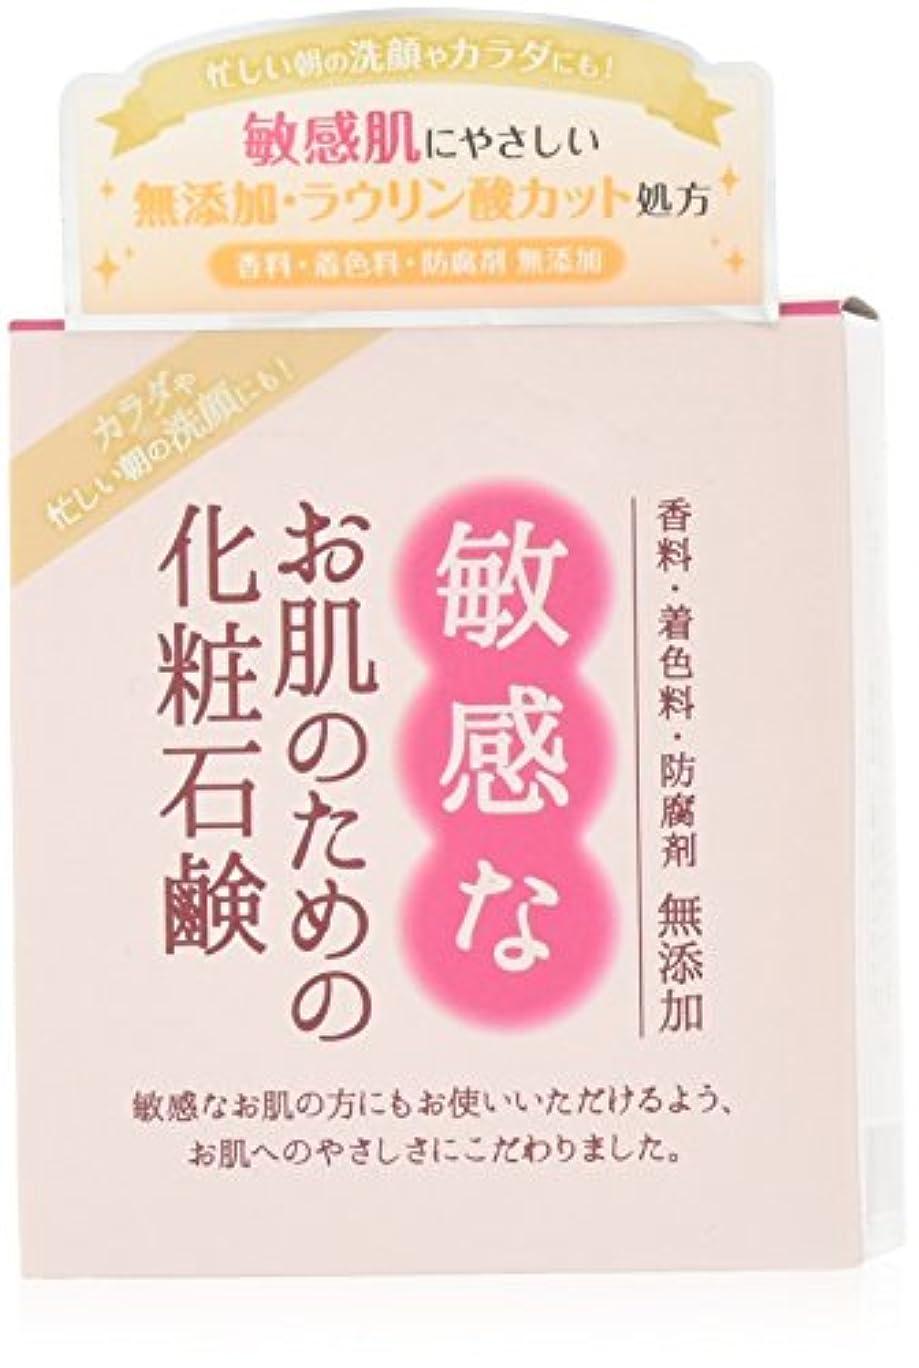 緩やかなサークル一方、敏感なお肌のための化粧石鹸 100g CBH-S